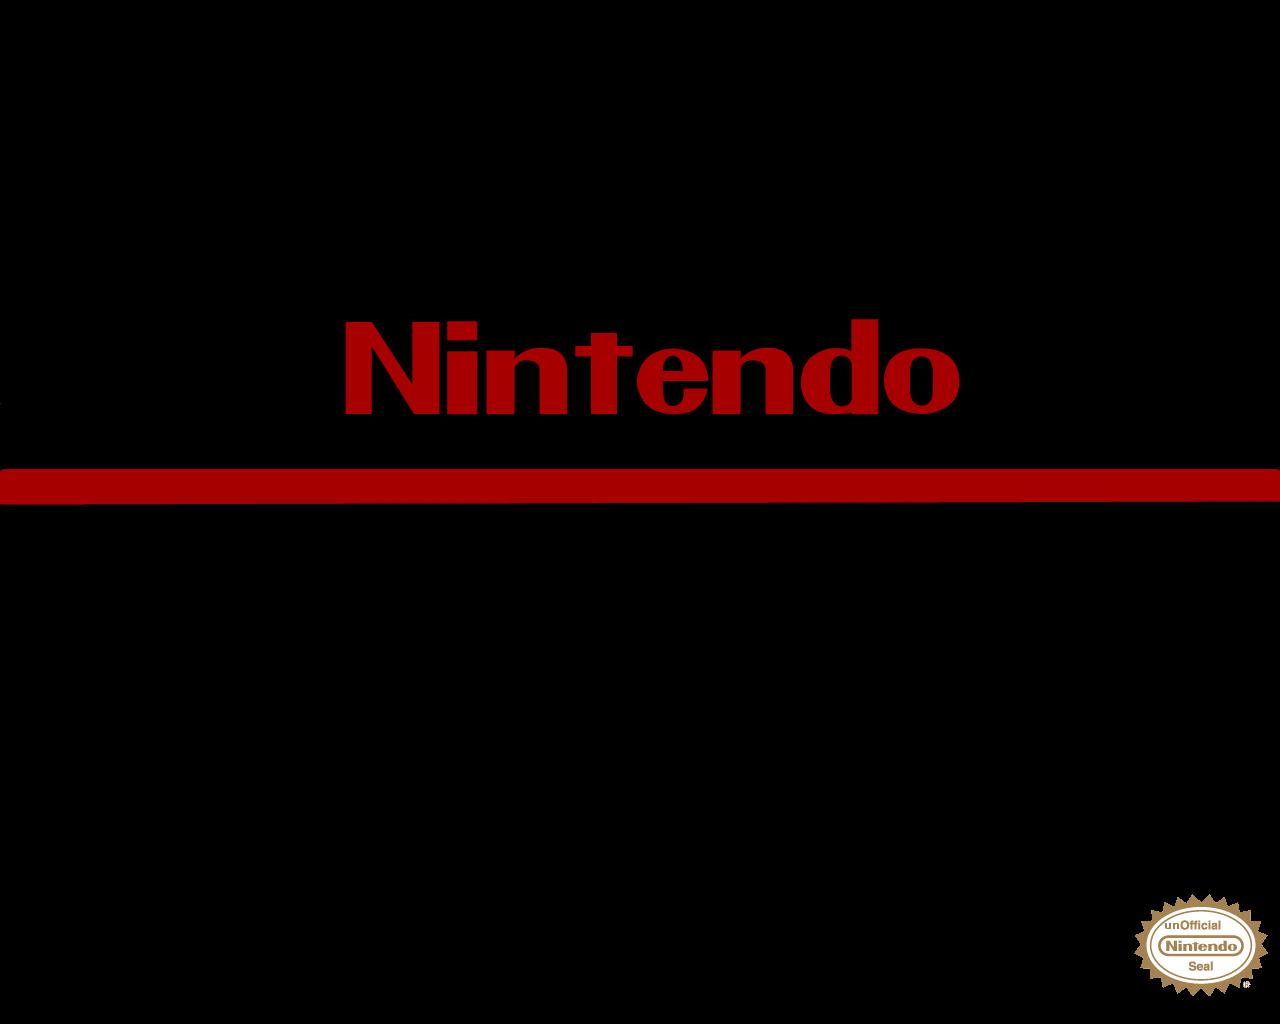 nintendo logo wallpaper by veiva on deviantart